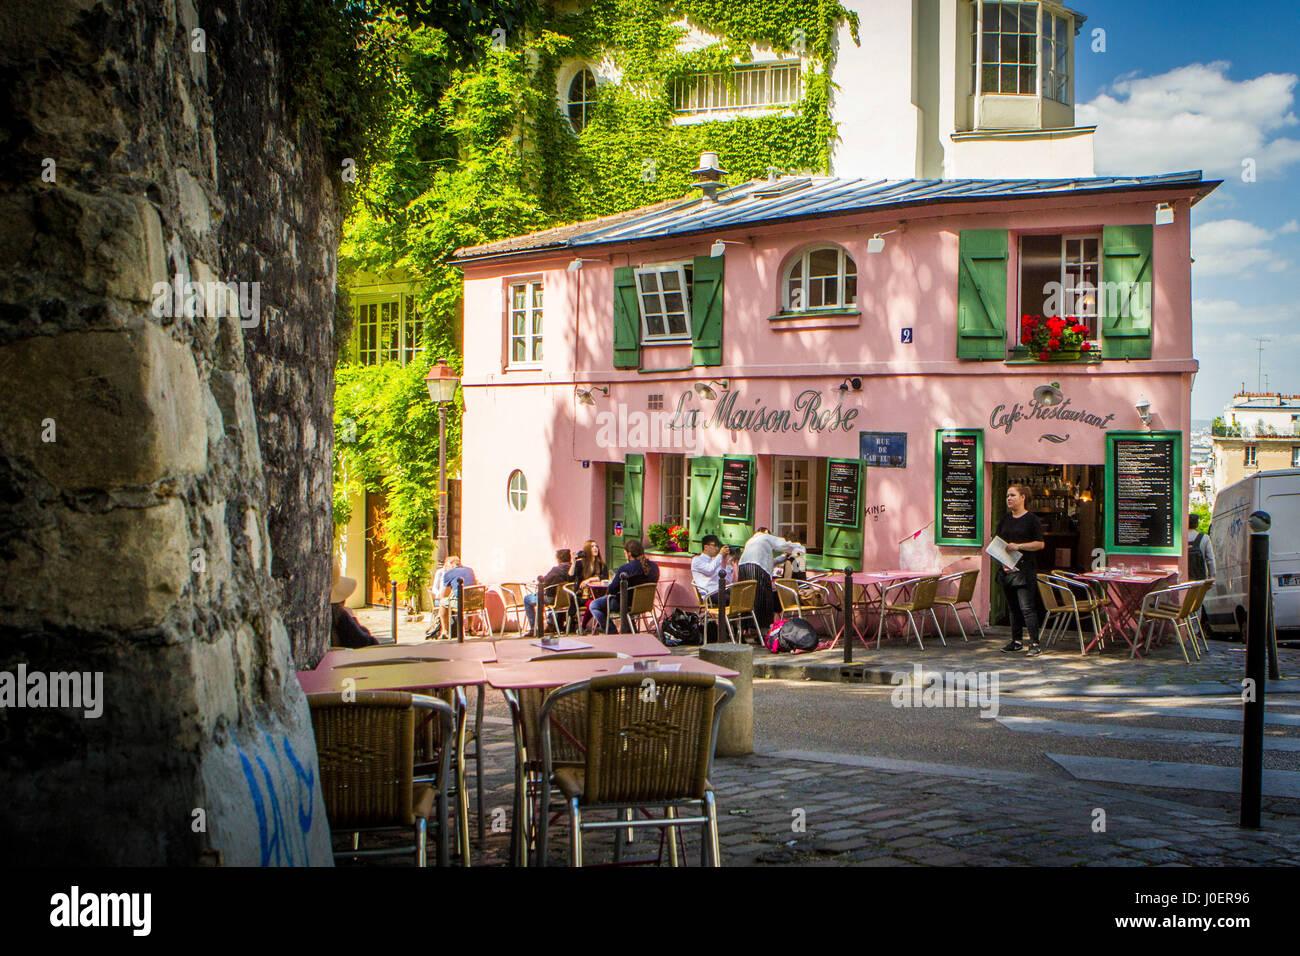 La maison rose cafe dans le quartier montmartre de paris france banque d 39 images photo stock - Eugenie les bains la maison rose ...